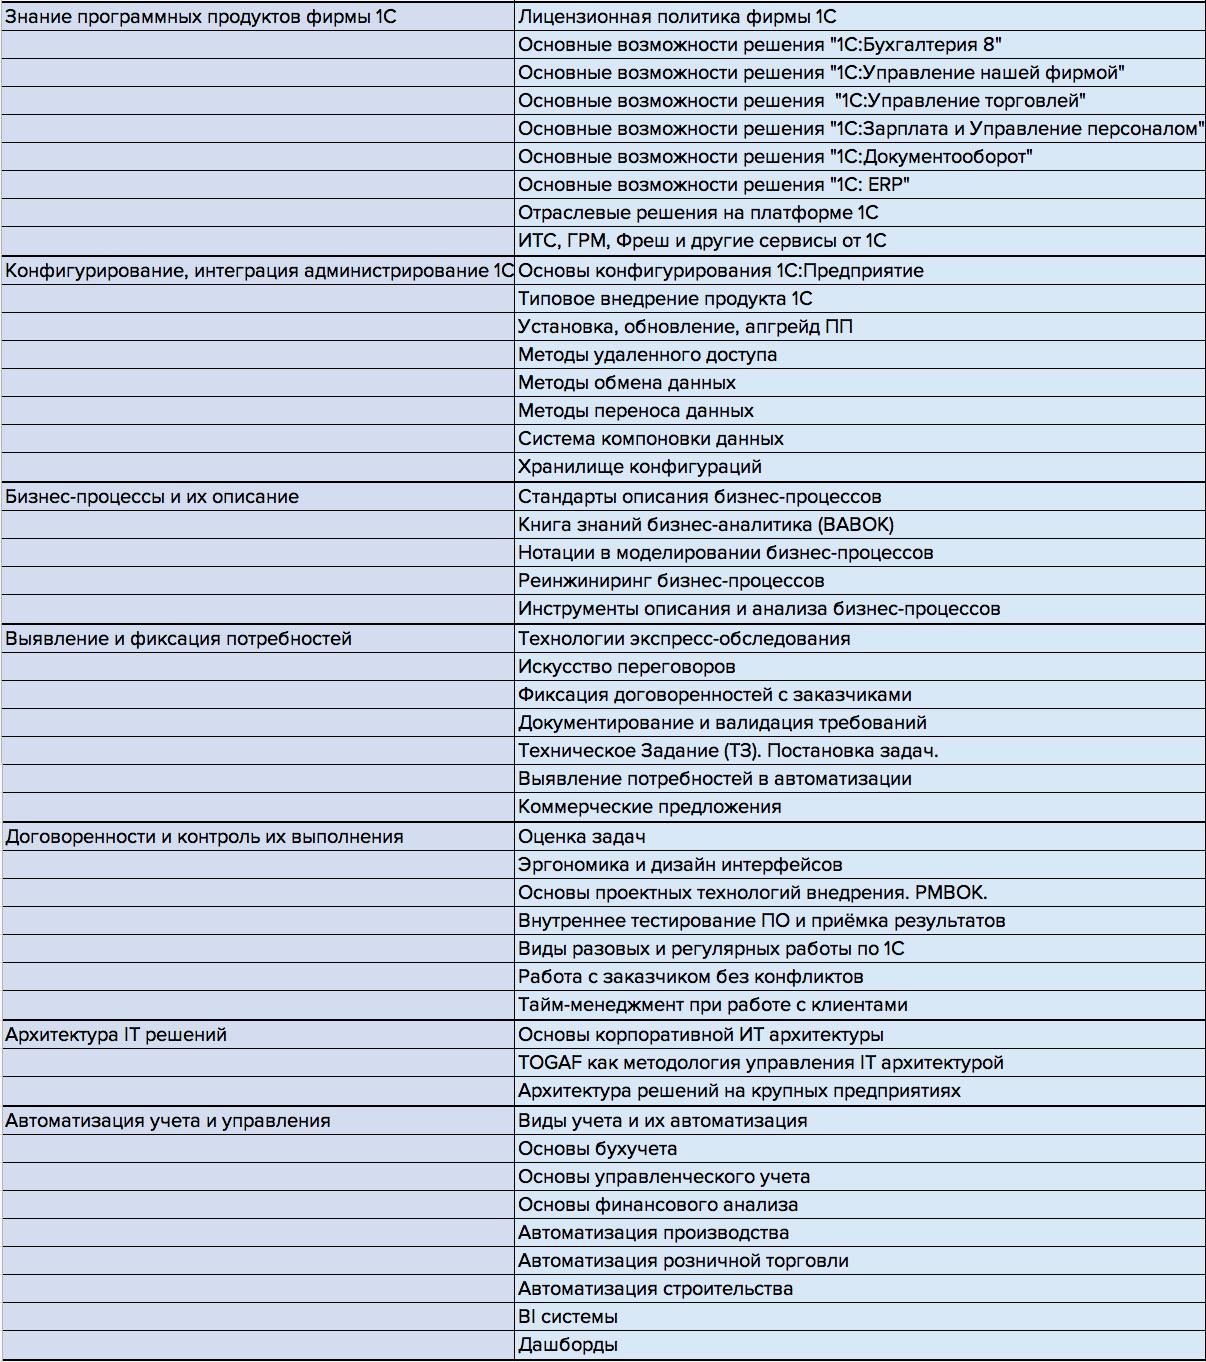 Компетенции 1С аналитика